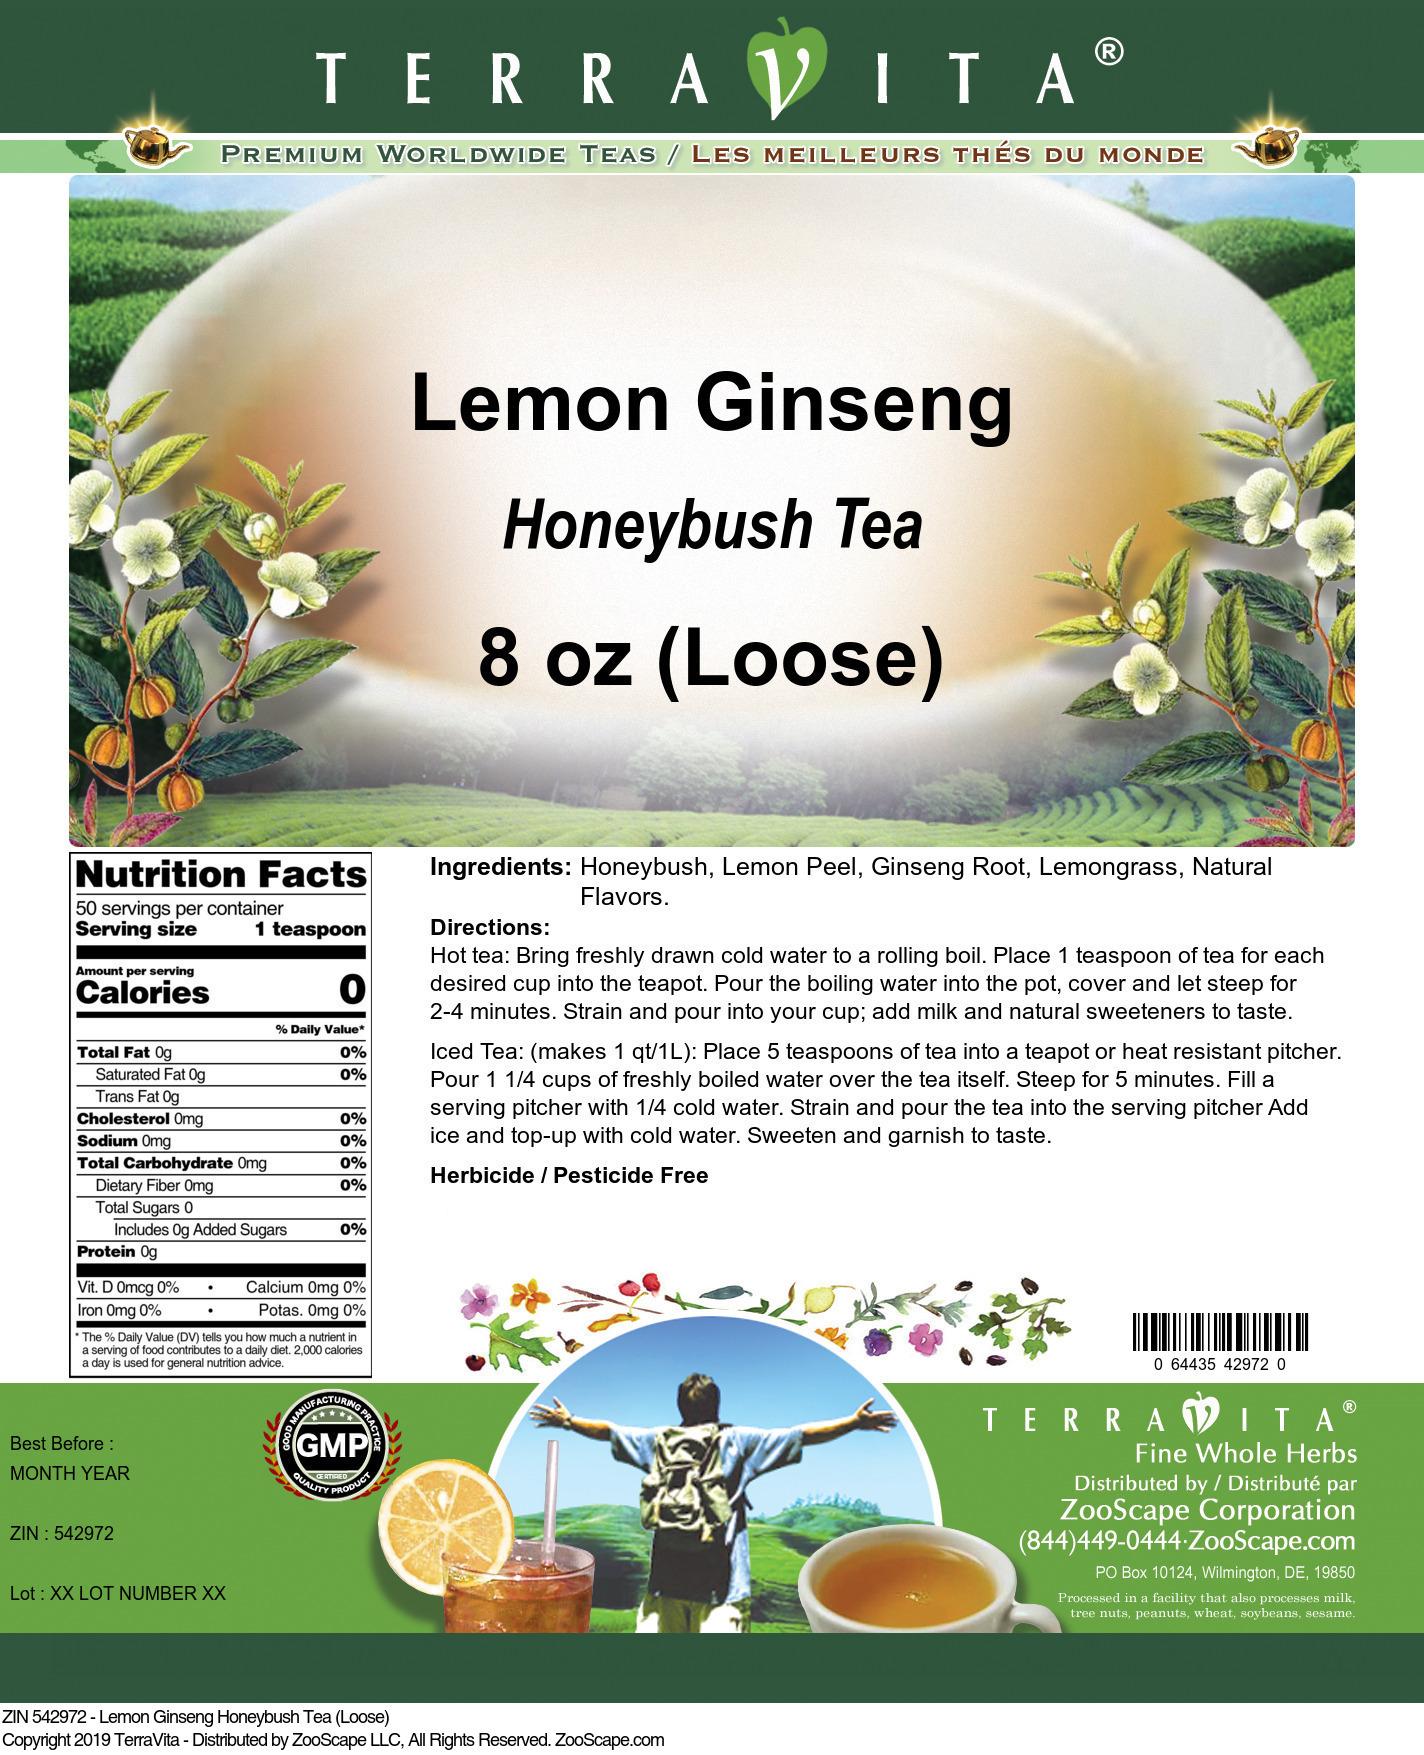 Lemon Ginseng Honeybush Tea (Loose)